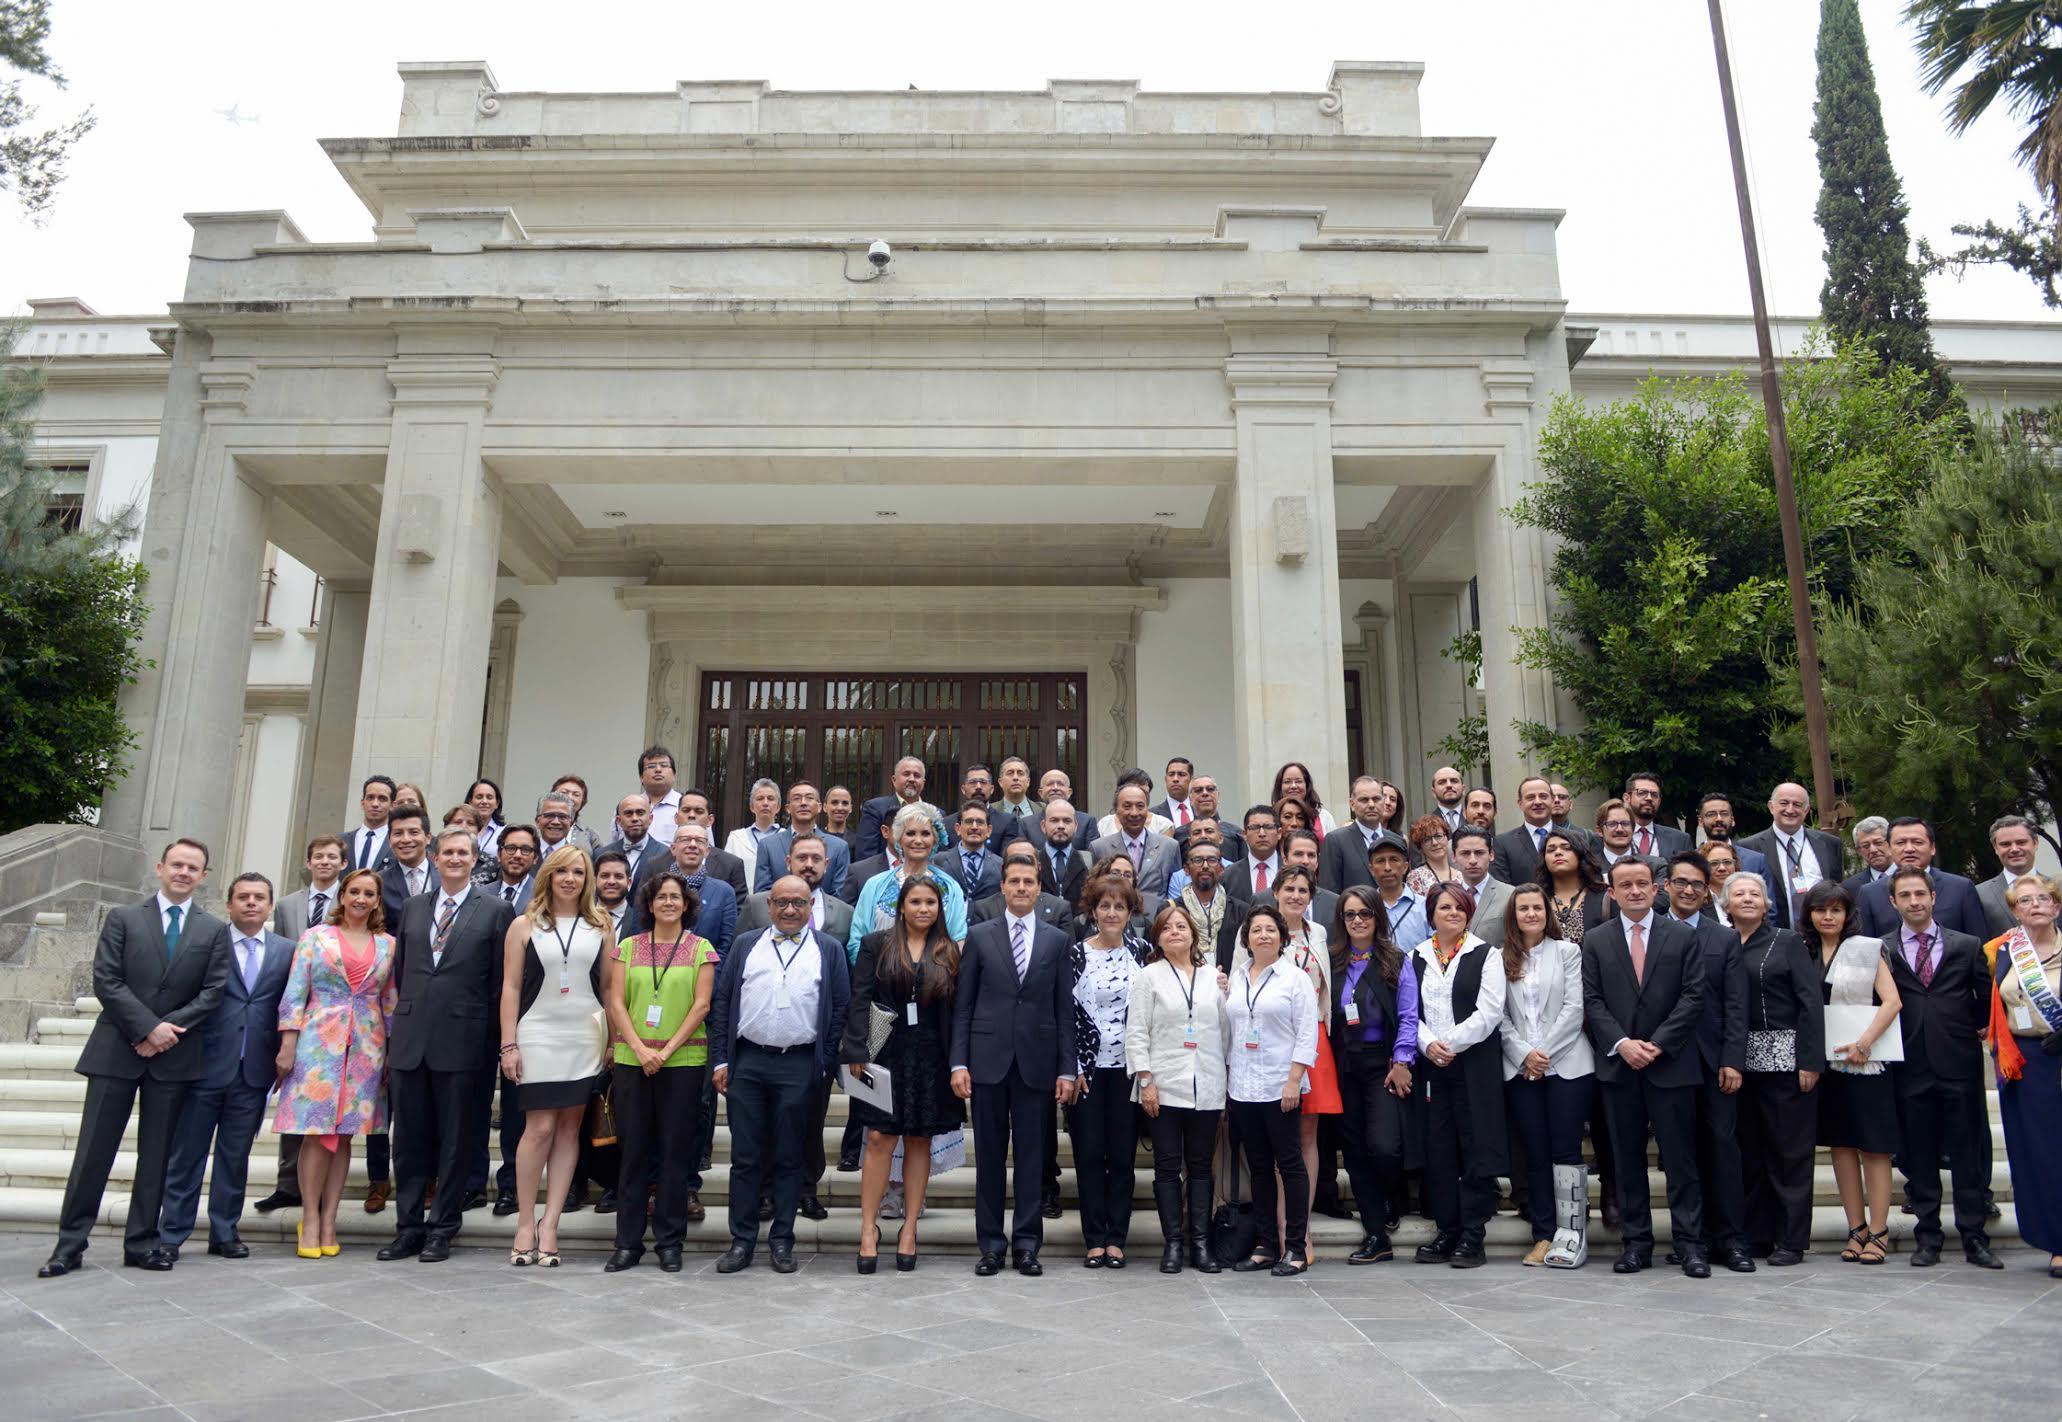 Foto oficial con los asistentes a la ceremonia por el Día Nacional de Lucha Contra la Homofobia.